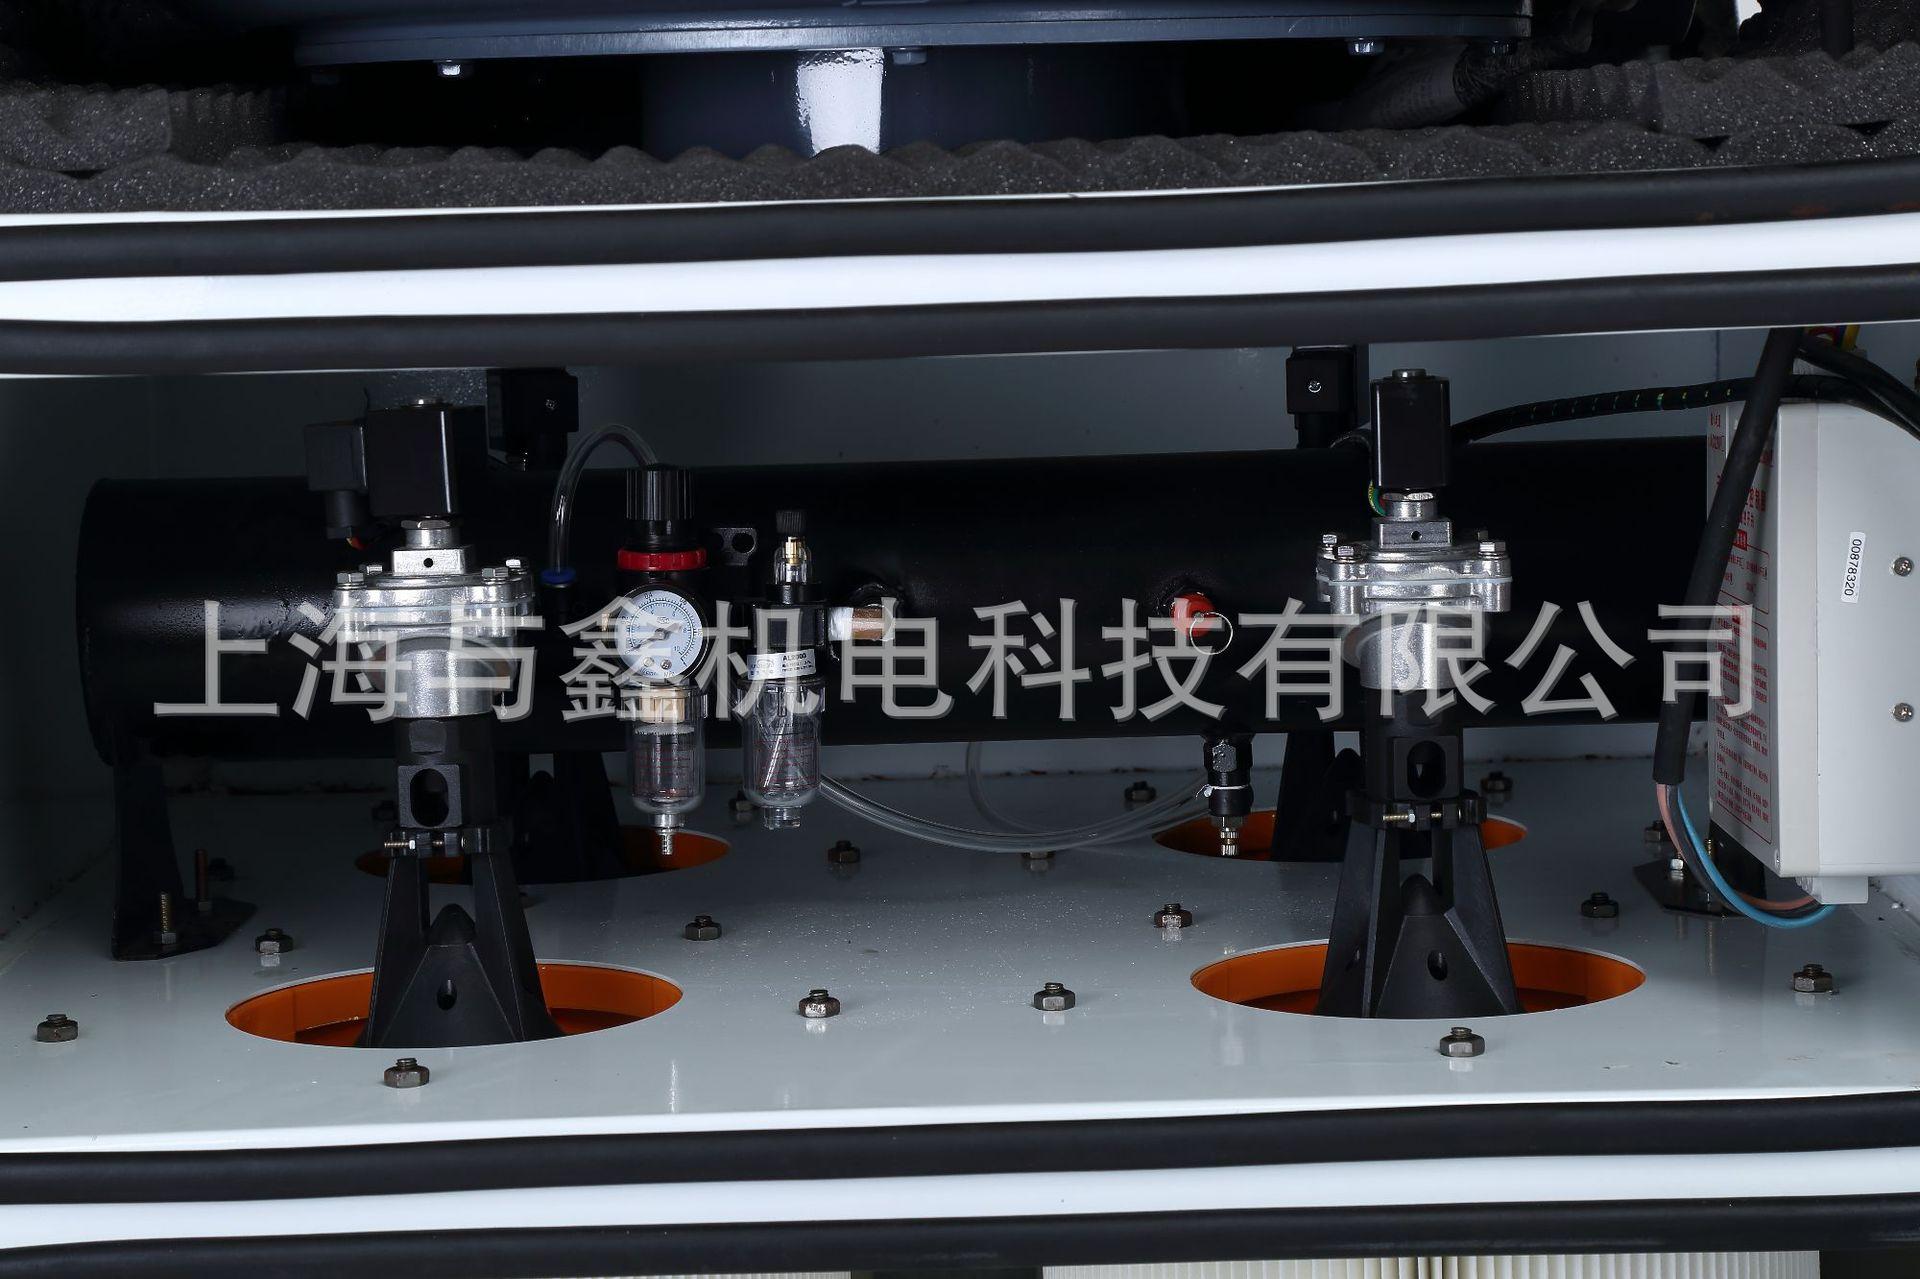 厂家磨床 磨床吸尘器 粉尘颗粒收集磨床工业吸尘器  大功率吸尘器示例图5